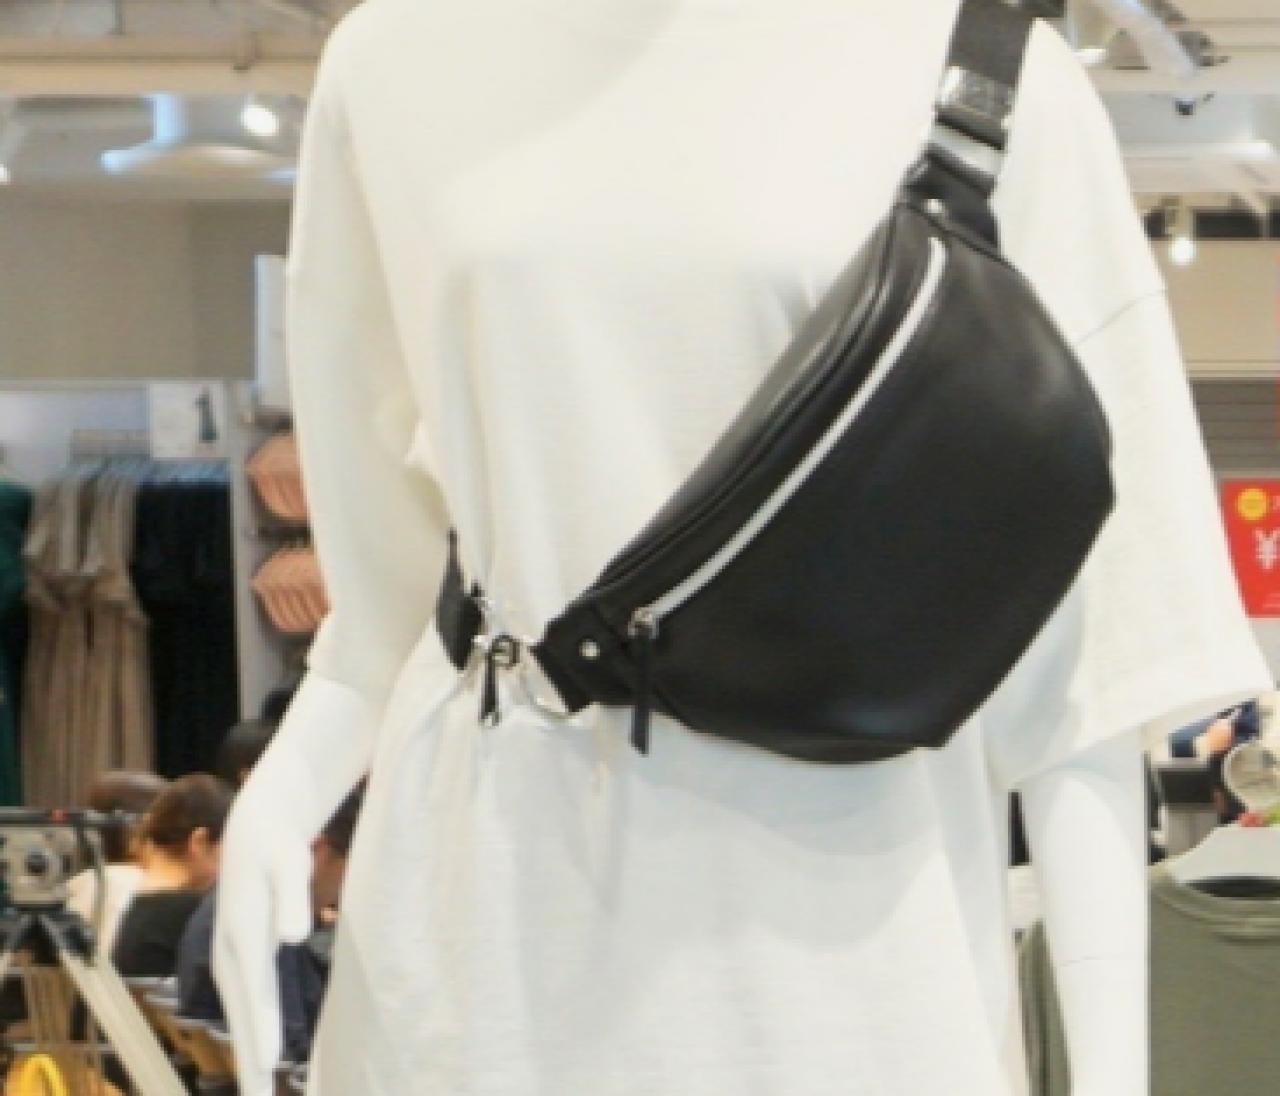 ¥1500以下【ジーユー(GU)】で買うべき新作トレンドバッグはウエストバッグ&サコッシュ!